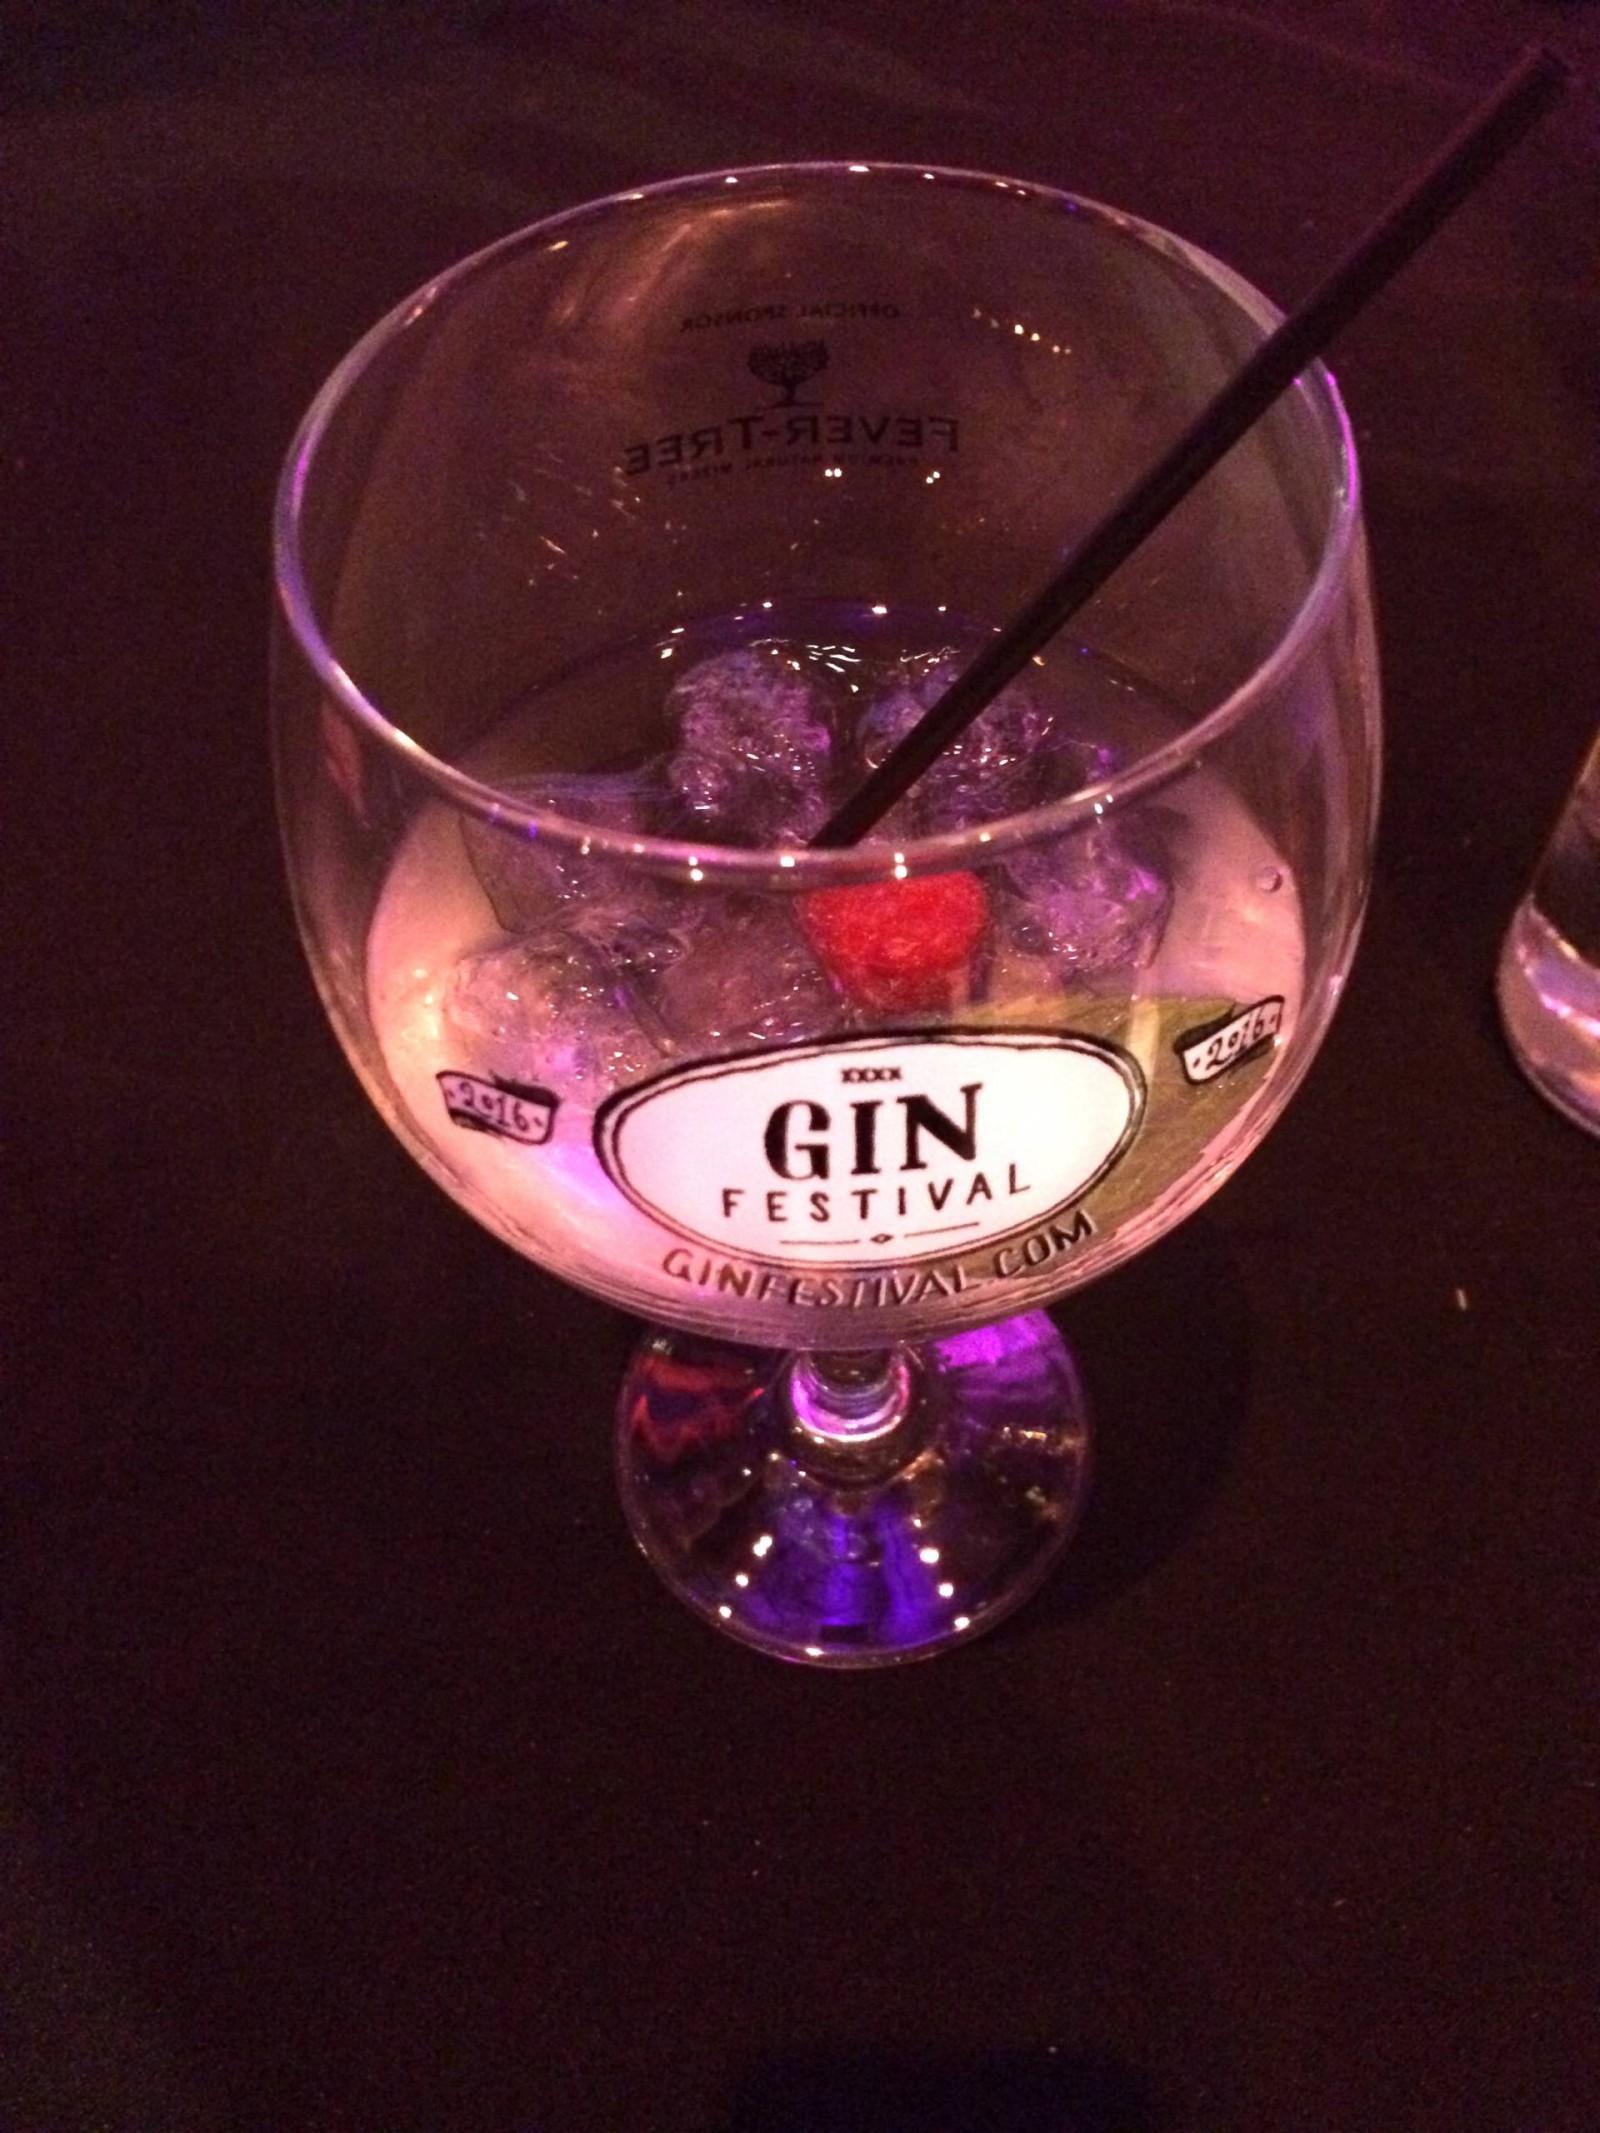 Gin Festival Cambridge